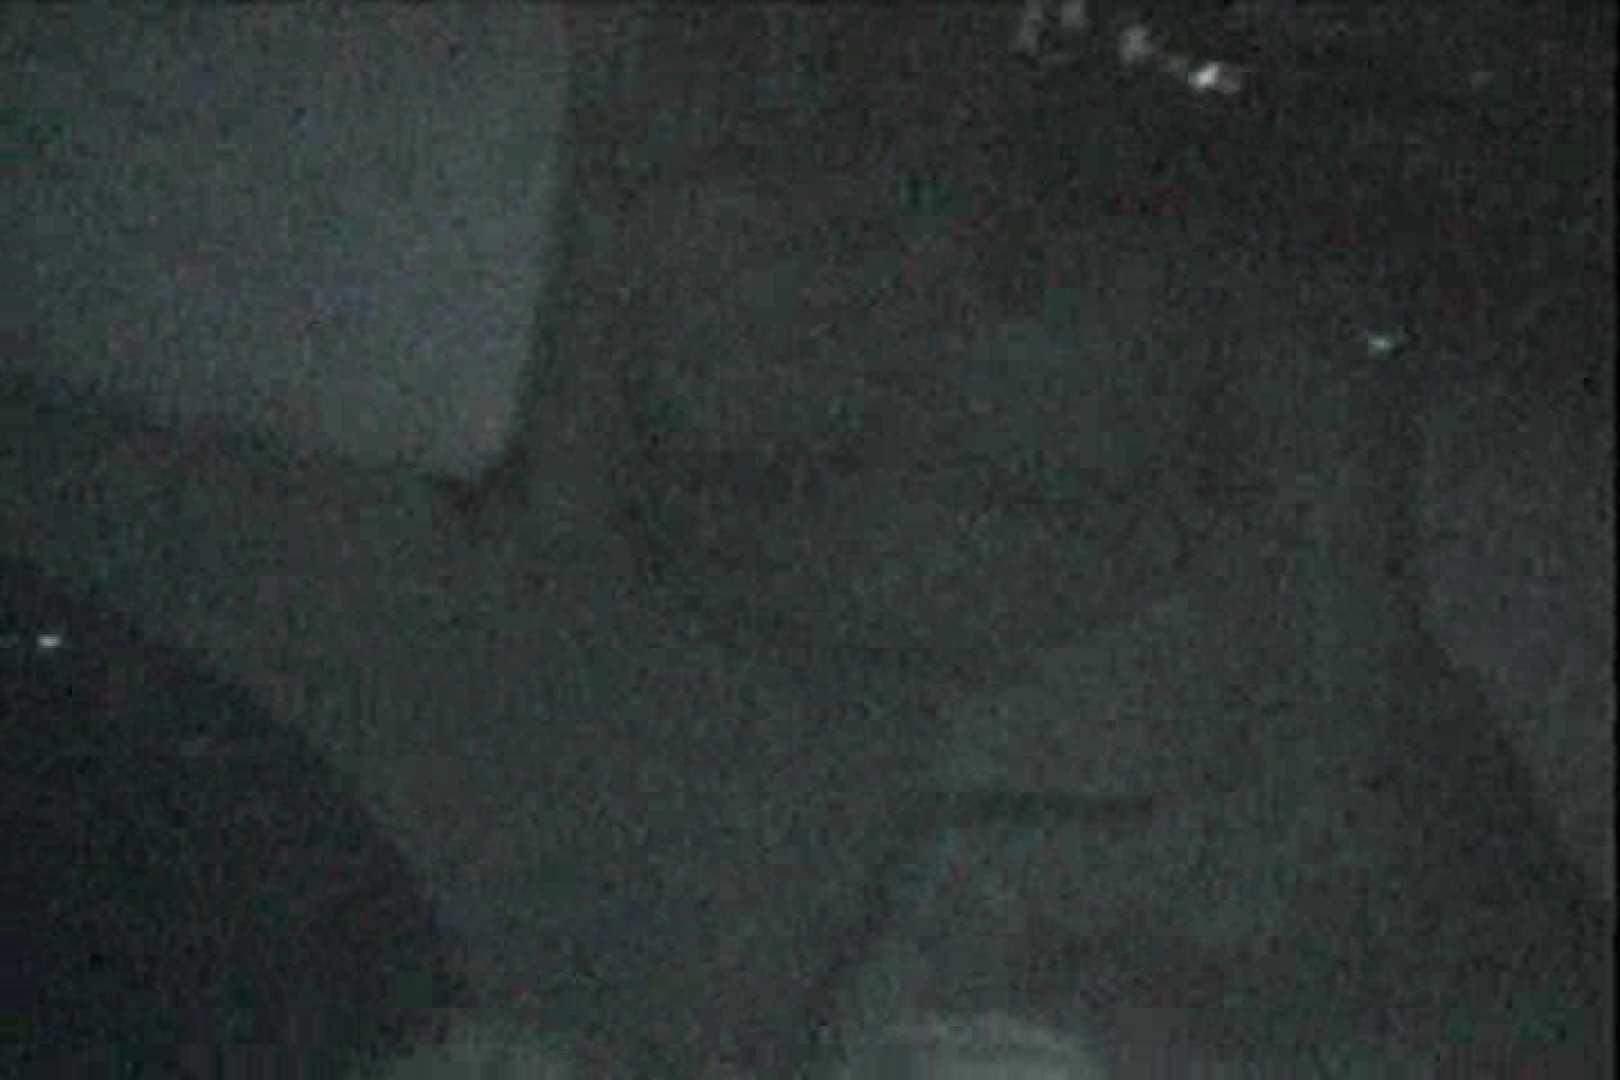 充血監督の深夜の運動会Vol.39 カップル | 美しいOLの裸体  89pic 25